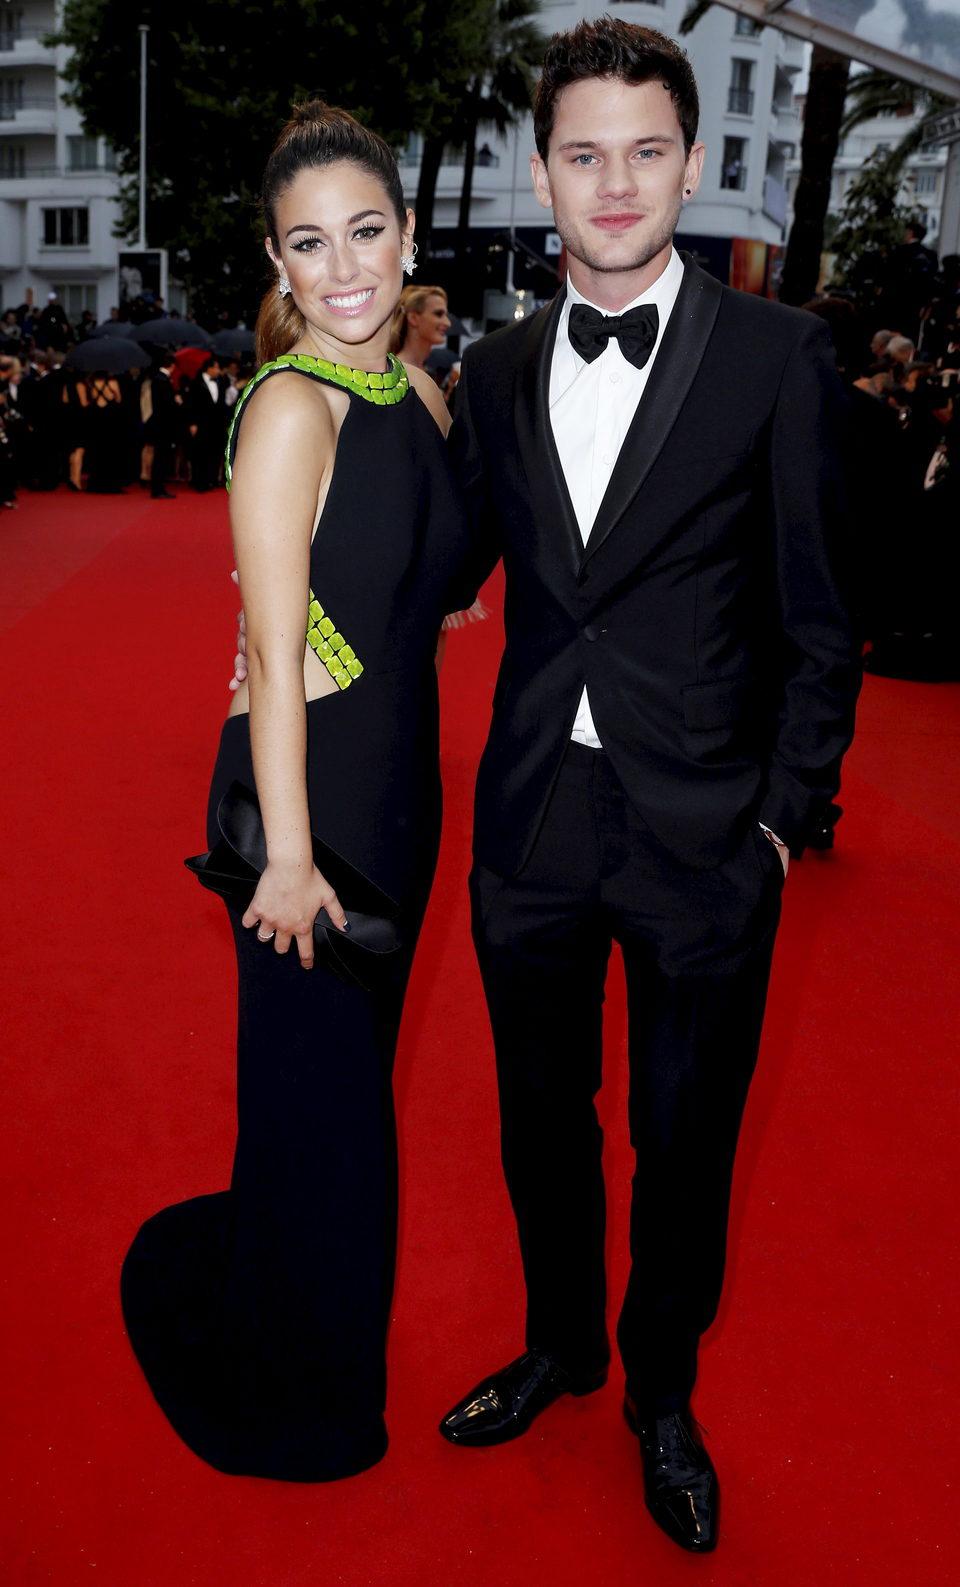 Blanca Suárez y Jeremy Irvine en la fiesta inaugural del Festival de Cannes 2013